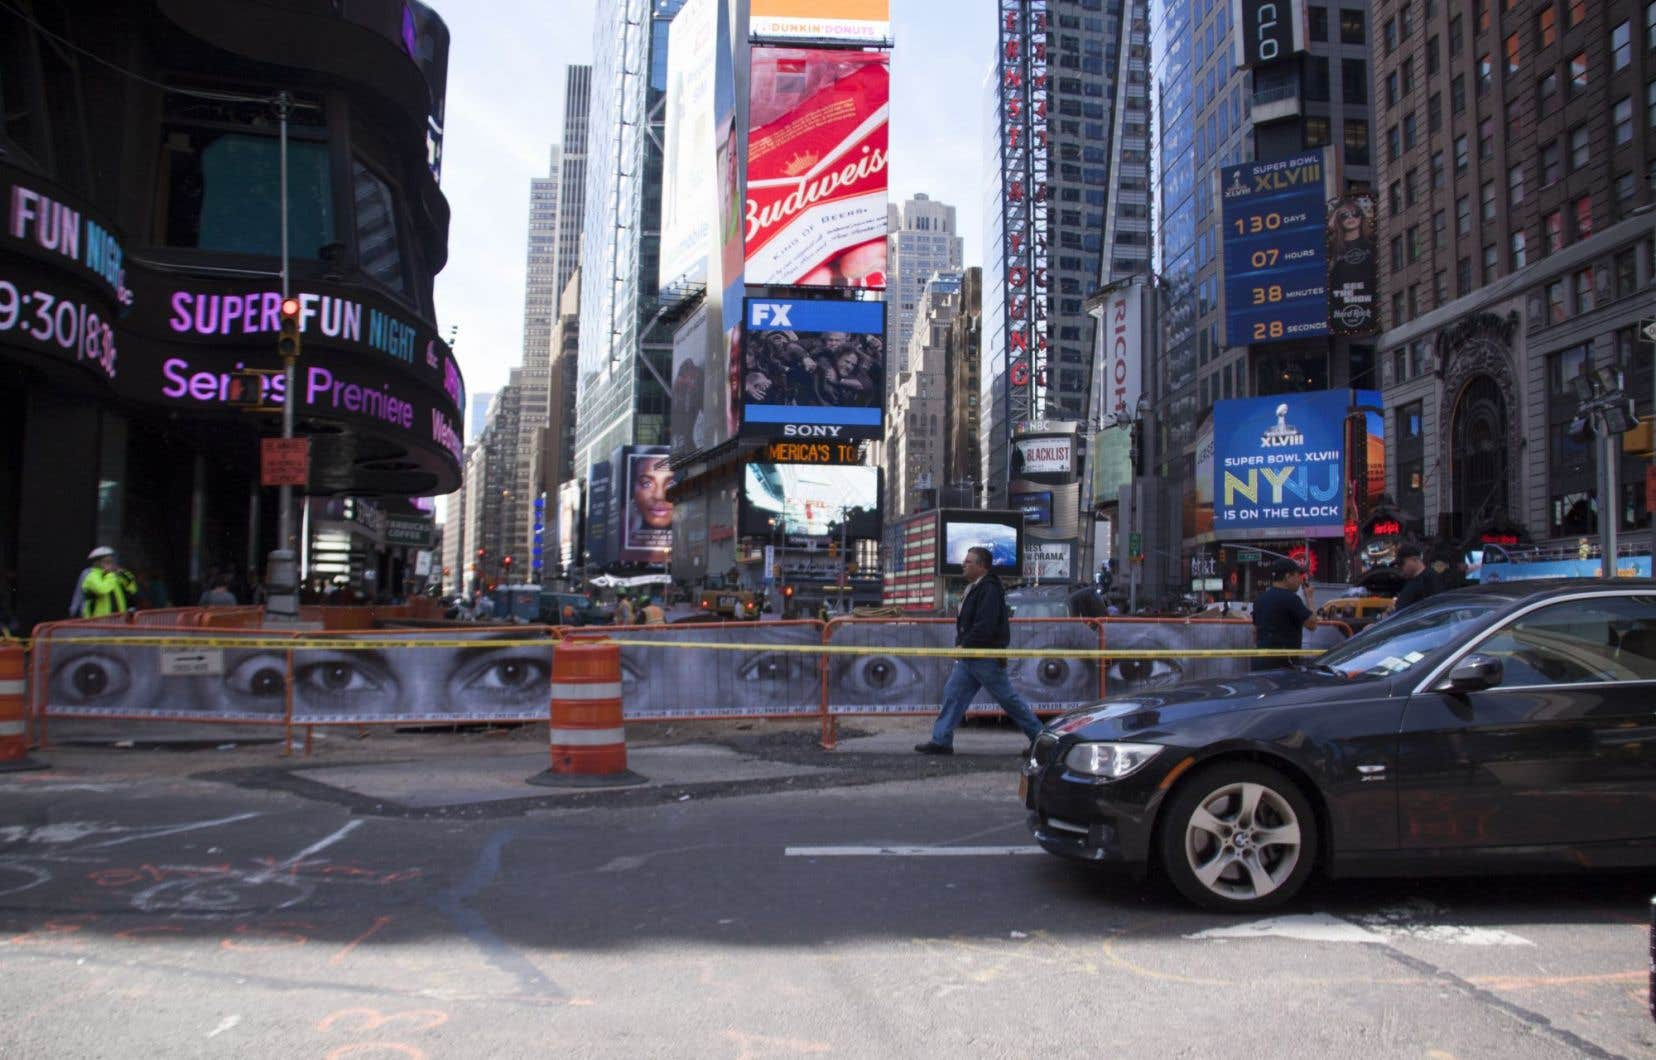 Le projet majeur de transformation de Time Square, à New York, a lui aussi misé sur l'art public pour transformer les désagréments vécus par les citadins en attraction. Ici, des barrières de chantier de construction ont accueilli divers projets d'art urbain orchestrés par la Time Square Alliance.